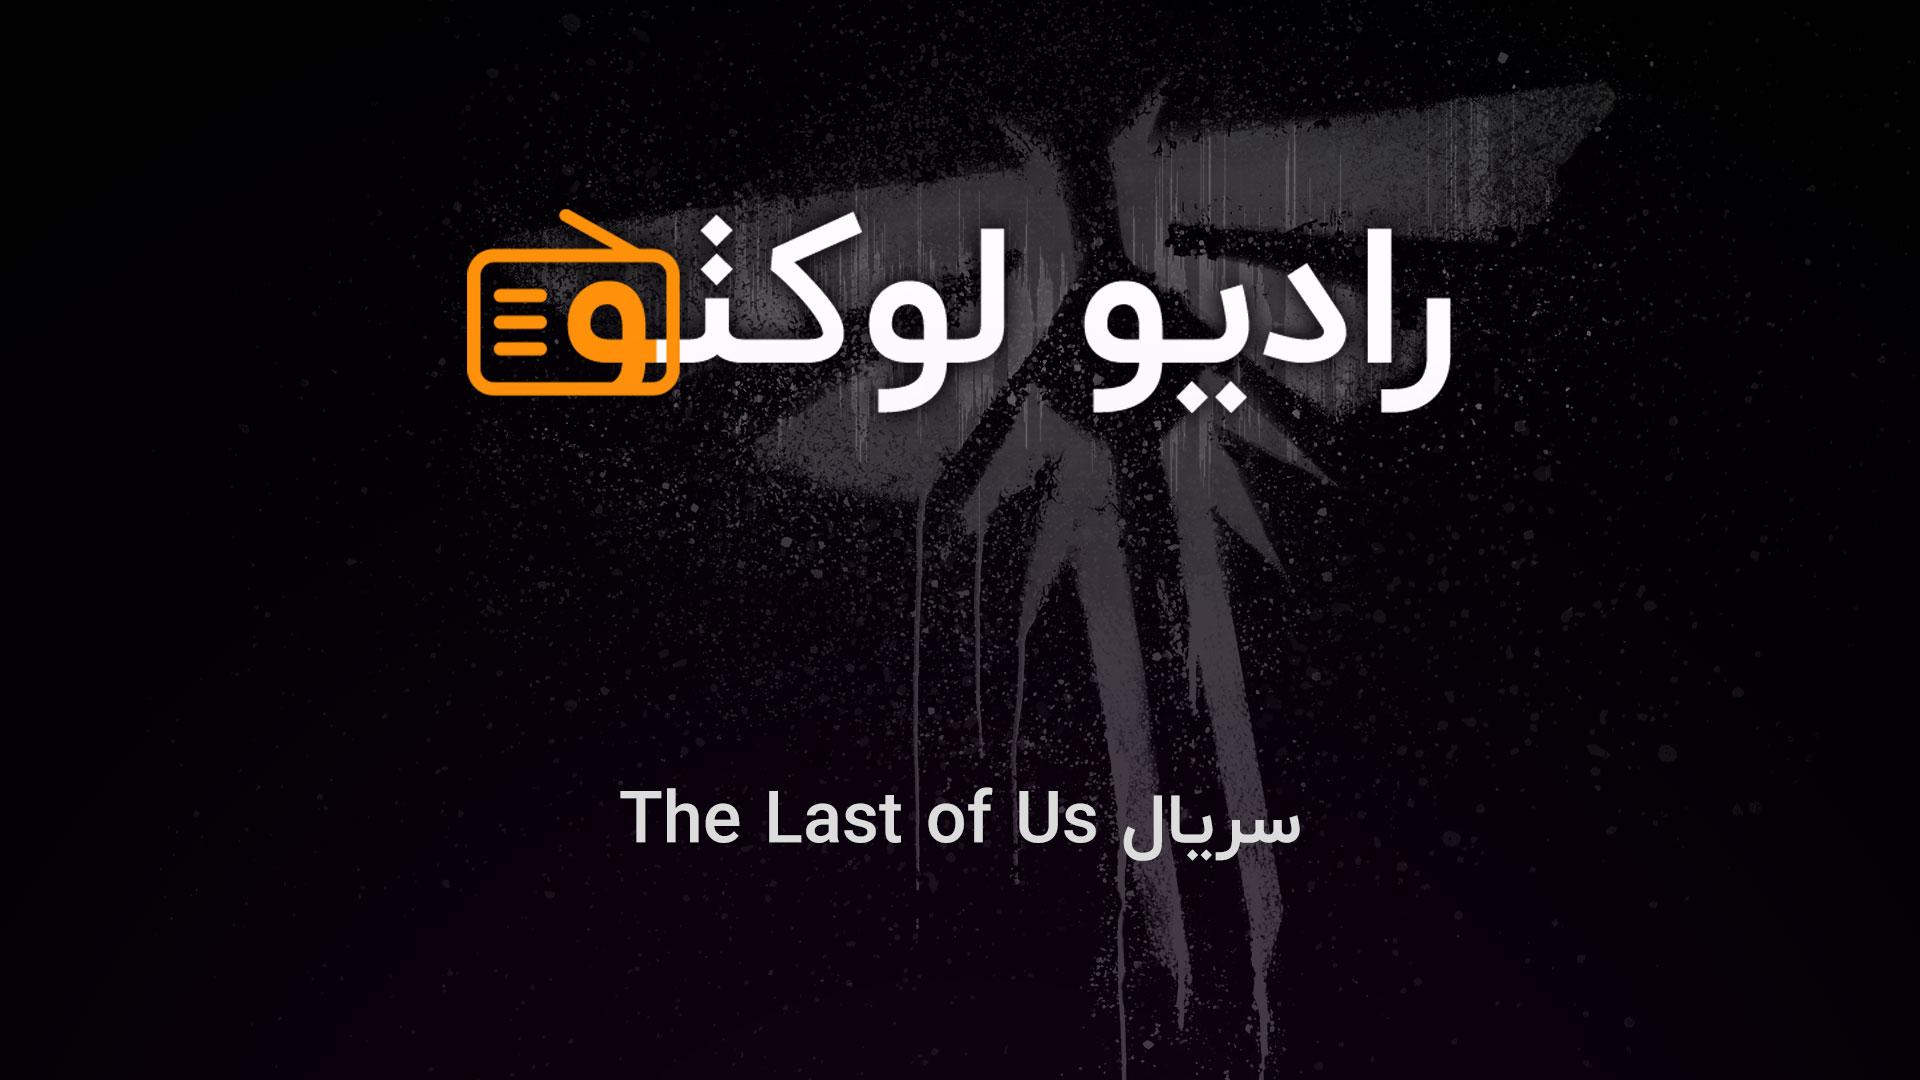 رادیو لوکتو: سریال The Last of Us